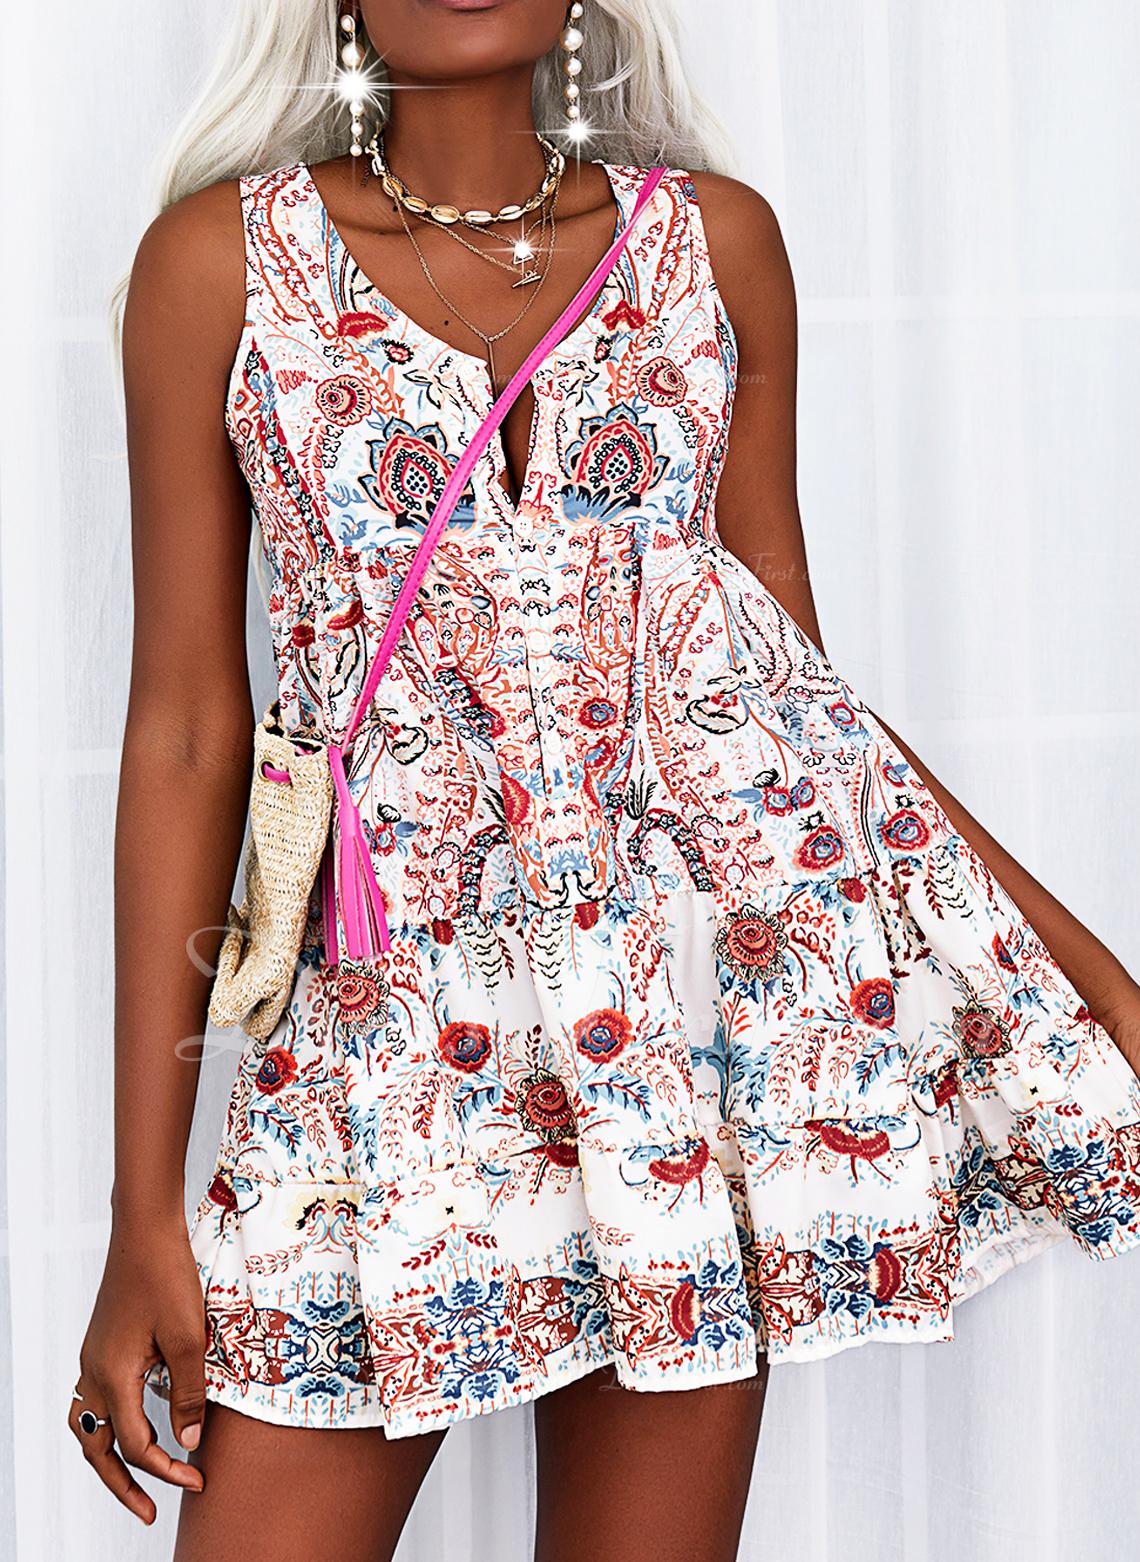 Floral Impresión Vestidos sueltos Sin mangas Midi Casual Vacaciones Tipo Vestidos de moda